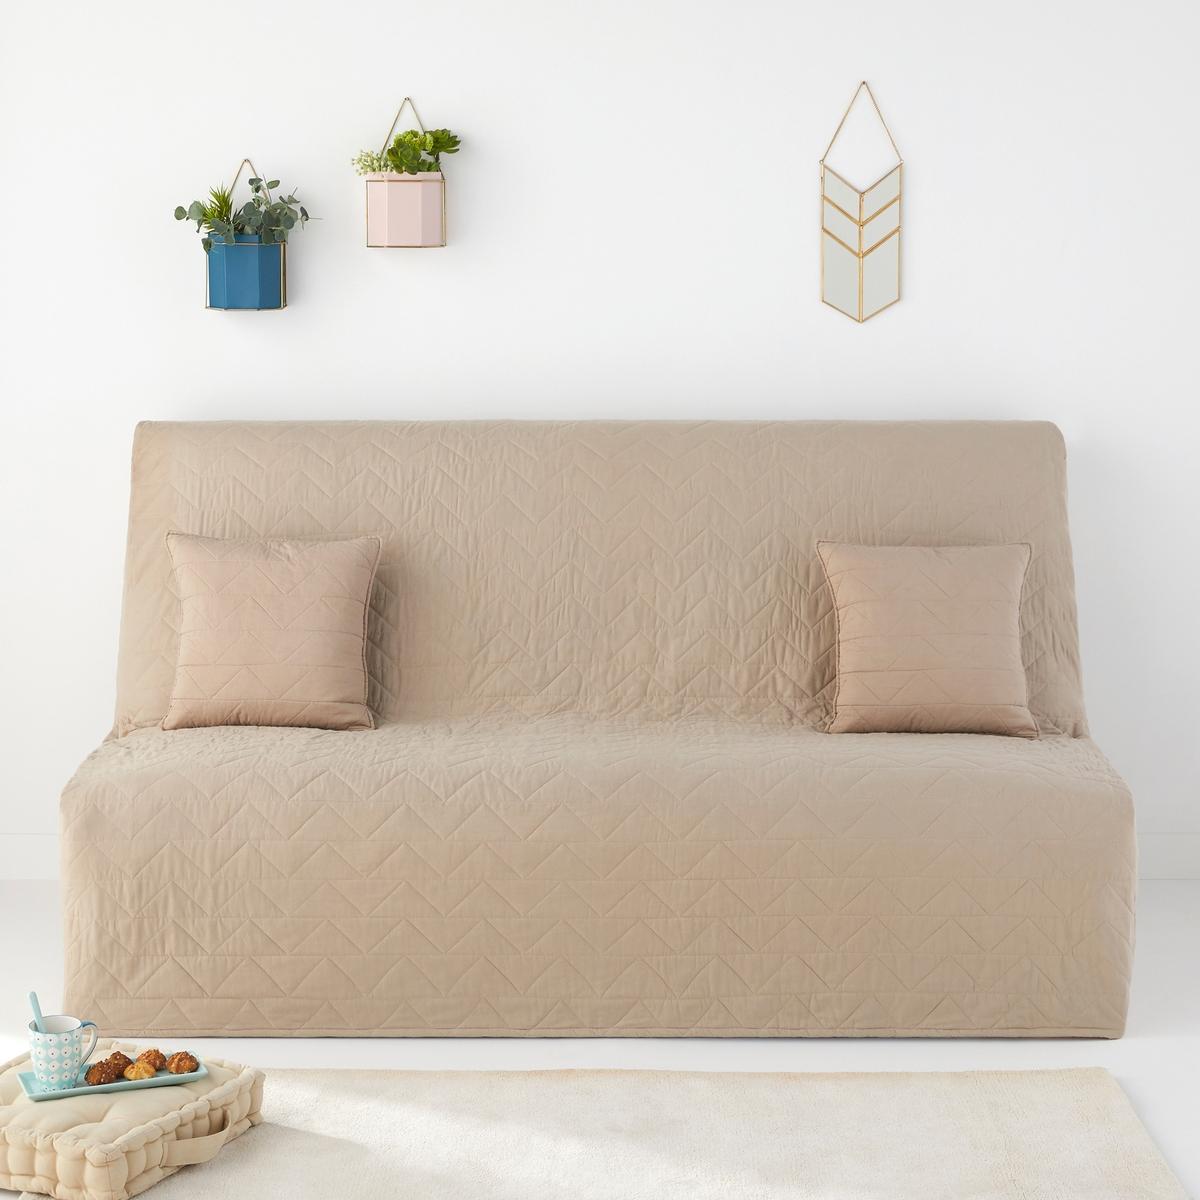 Чехол La Redoute Стеганый для раскладного дивана ZIGZAG SCENARIO единый размер бежевый